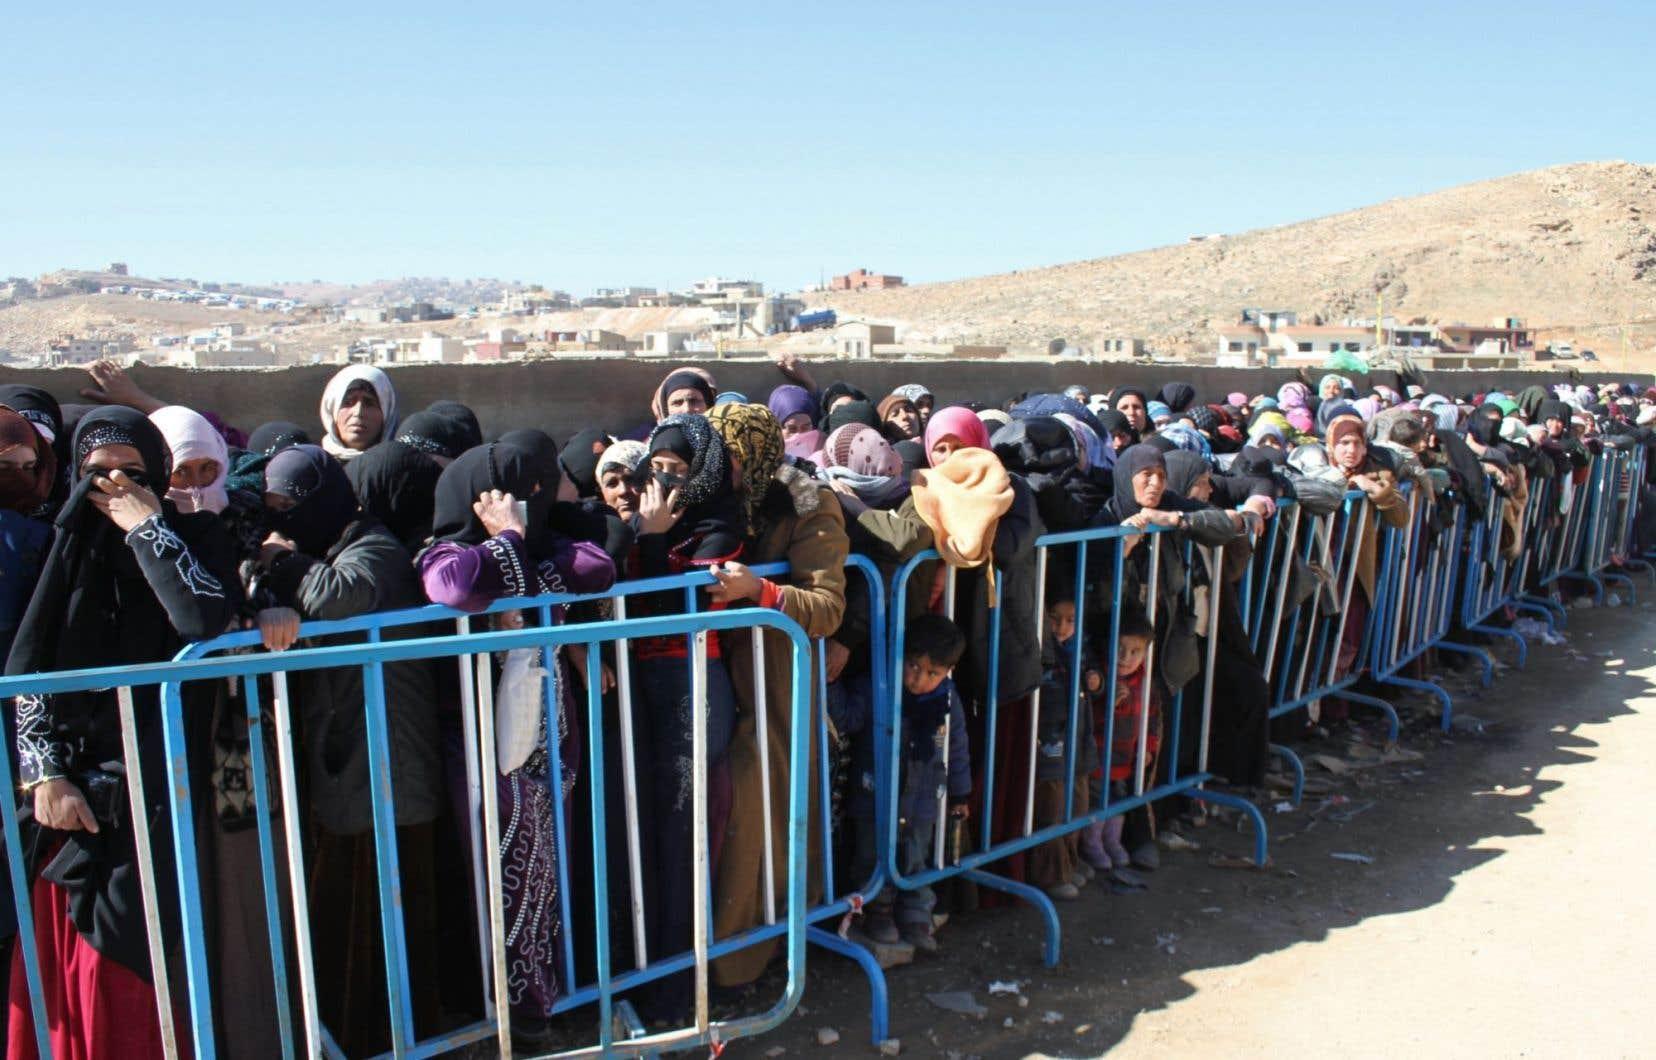 Des réfugiés syriens à Ersal, au Liban, en février 2014